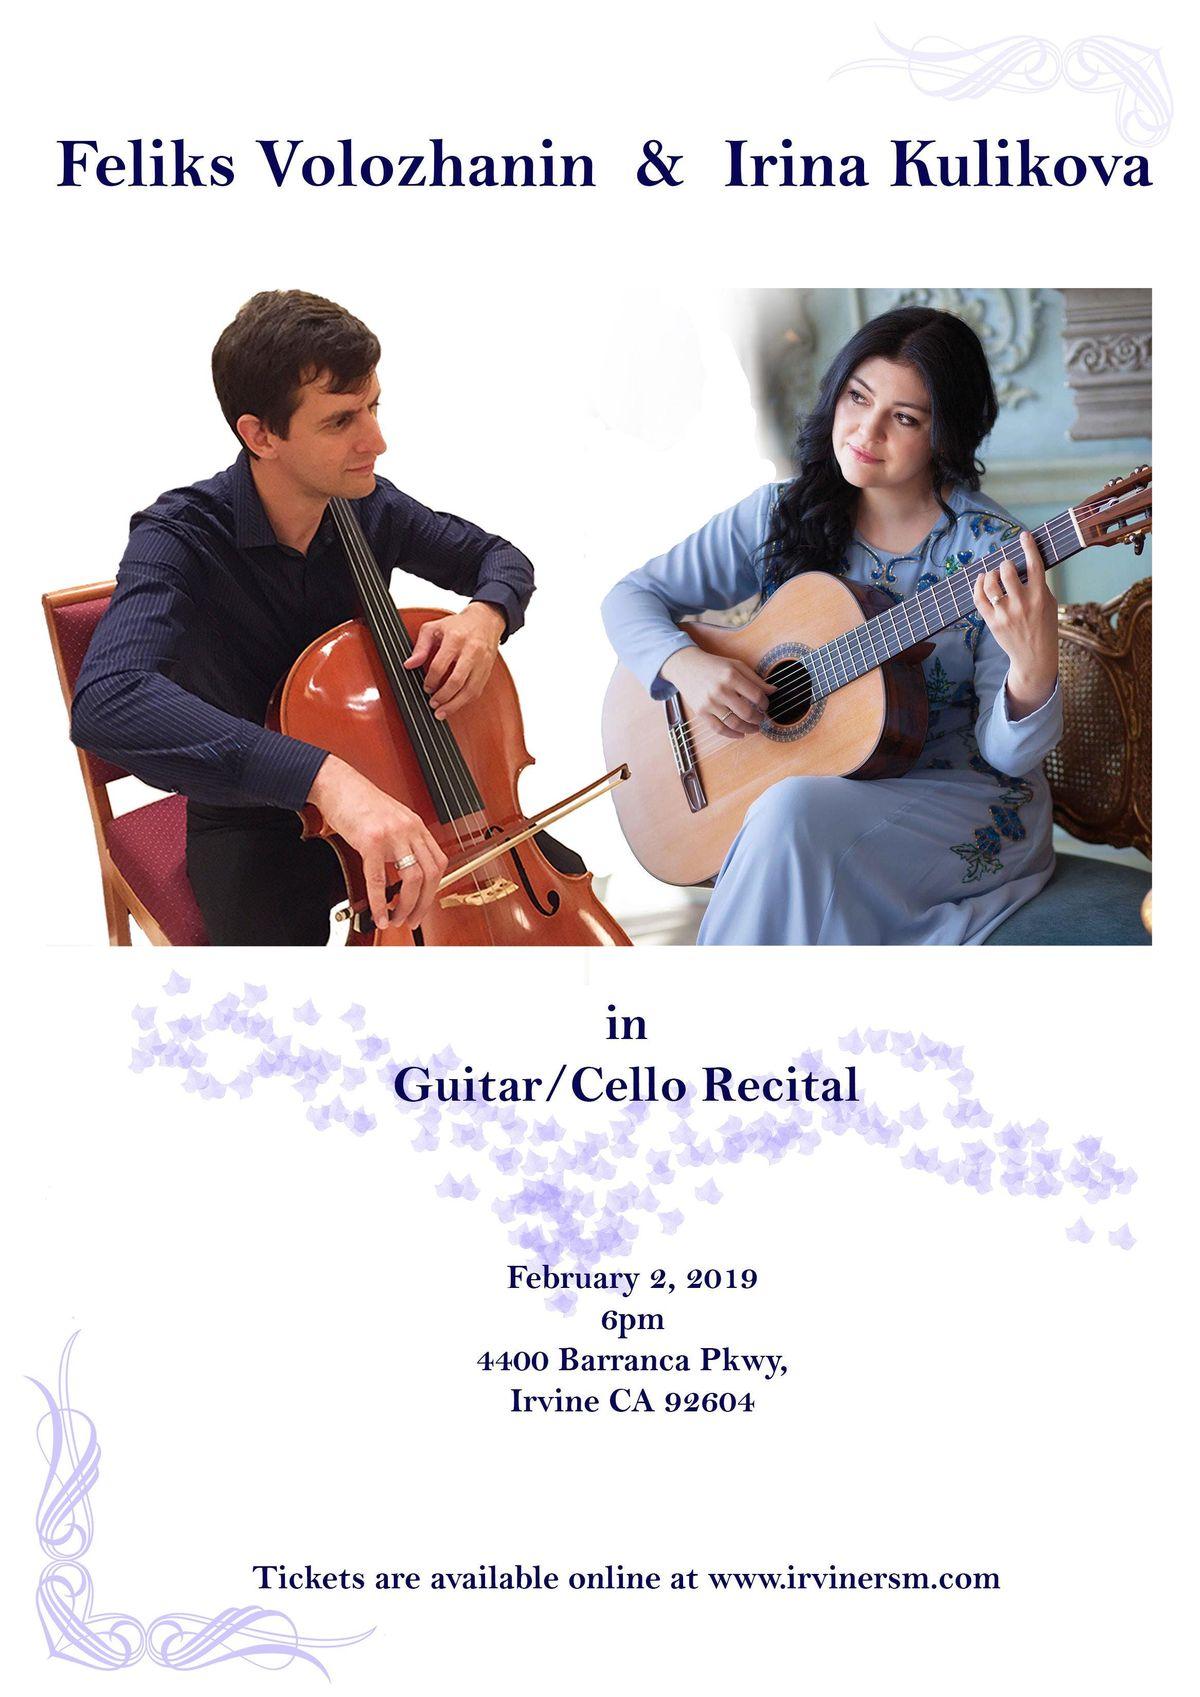 Irina Kulikova and Feliks Volozhanin in a guitarcello duo recital